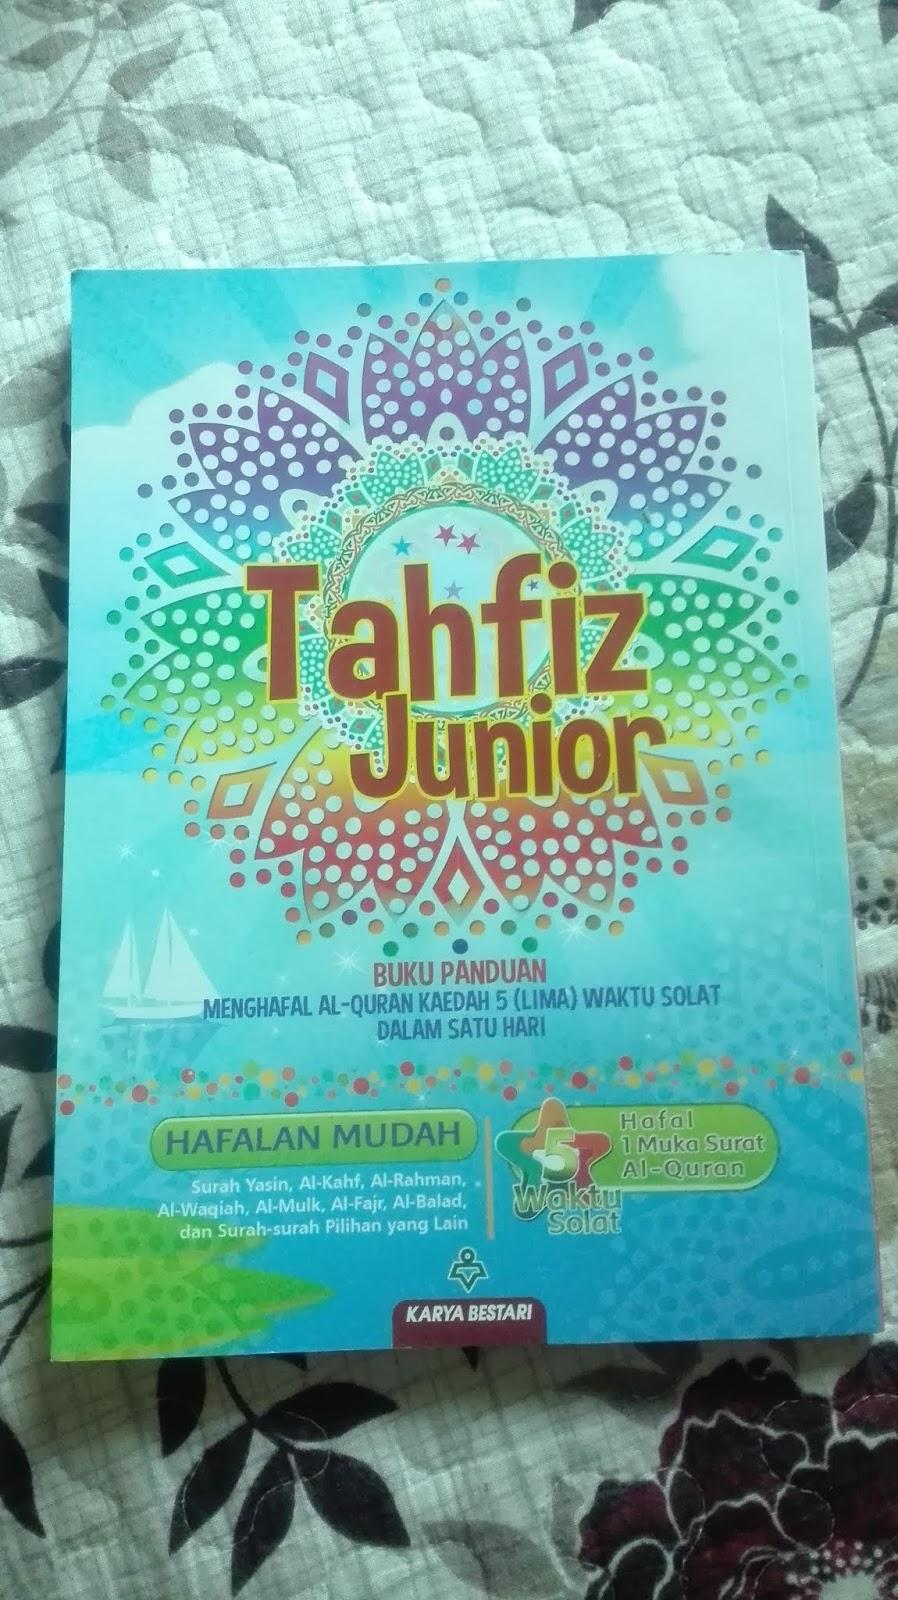 Fitrah Homeschooling Tahfiz Junior Dan Quran Al Hafiz 9 Langkah Mudah Menghafal Buku Ini Saya Beli Di Reruai Karangkraf Mei Lalu Ia Nampak Menarik Dengan Warna Warni Dalamnya